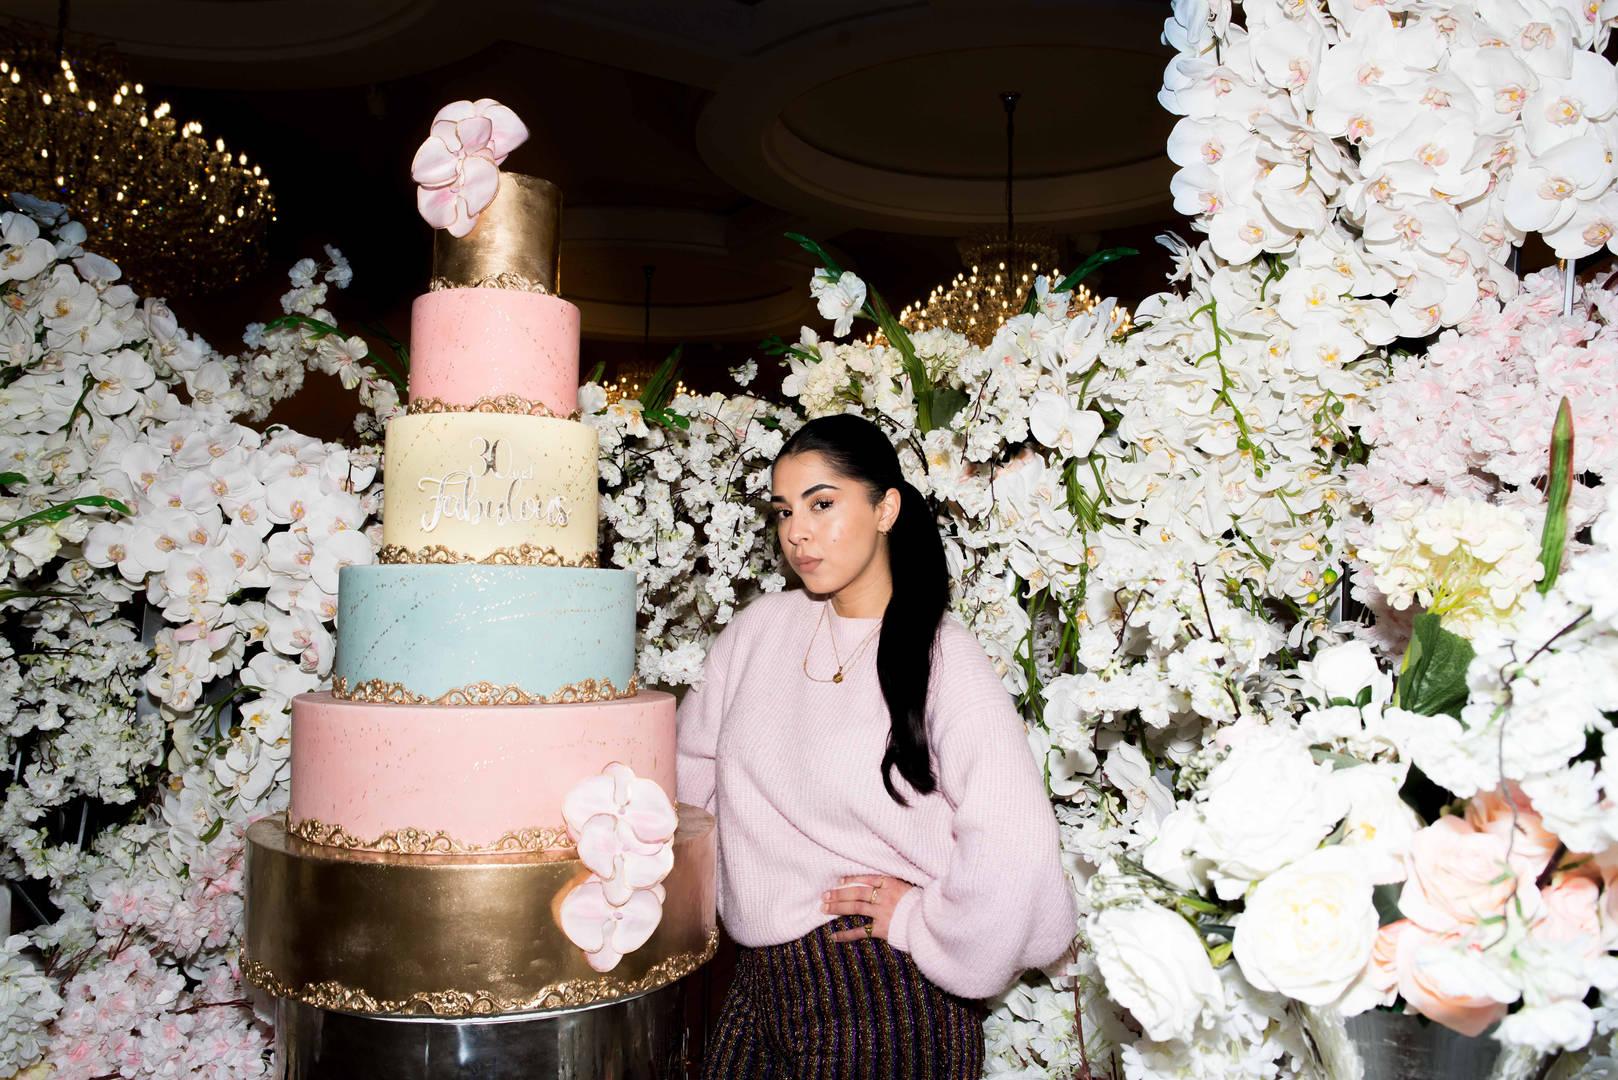 Maryam (26) uit Amsterdam is het creatieve brein bij Couture Cakes waar zij de meest exclusieve taarten ontwerpt voor feesten in binnen –en buitenland.  'Wij zijn geen bakkers, geen patissiers of taartenbakkers maar cakedesigners. In Nederland zijn mensen niet gewend om met een taart groots uit te pakken, de trend van grote extravagante taarten is langzaam overgewaaid uit Engeland en Amerika waar het al veel normaler is om op een feest indruk te maken met een taart. Inmiddels werken we voor een heel arsenaal aan bekenden Nederlanders zoals Ronnie Flex, Monica Geuze, Anna Nooshin en Famke Louise. Ik denk we voornamelijk succes hebben omdat wij écht durven uit te  pakken, we durven grenzen te verleggen. Ik zeg ook altijd: 'the sky is the limit'. Twee jaar geleden werden we gebeld door Yolanthe (Cabau van Kasbergen, red.) met de vraag of we een taart voor de verjaardag van haar zoontje wilden maken in de stijl van Cowboys en Indianen. Na dagenlang bakken en voorbereiden werden de taarten gekoeld per vrachtwagen richting Cannes gereden, waar het kinderfeestje werd georganiseerd. Als cakedesigners maken we alle taarten op maat, we kijken naar het soort feest, het thema, de locatie en de wensen van de klant. Ooit vroeg iemand om een 10 laagse taart voor zijn bruiloft, in Nederland was dat nog nooit eerder gemaakt. Het is enorm arbeidsintensief om zo'n taart te maken en er is veel expertise en deskundigheid voor nodig om de tien lagen te kunnen maken. Een taart wordt bijvoorbeeld gestut, en ook zorgen we ervoor dat er geen vingerafdrukken blijven staan in het fondant als mensen per ongeluk de taart aanraken. In ons taartenatelier werkt een heel team aan de taarten die we maken: er zijn mensen verantwoordelijk voor de cake, de constructie, de decoratie en de afwerking. In alle bescheidenheid durf ik te zeggen dat wij in het maken van exclusieve taarten de allerbeste van de Benelux zijn.'